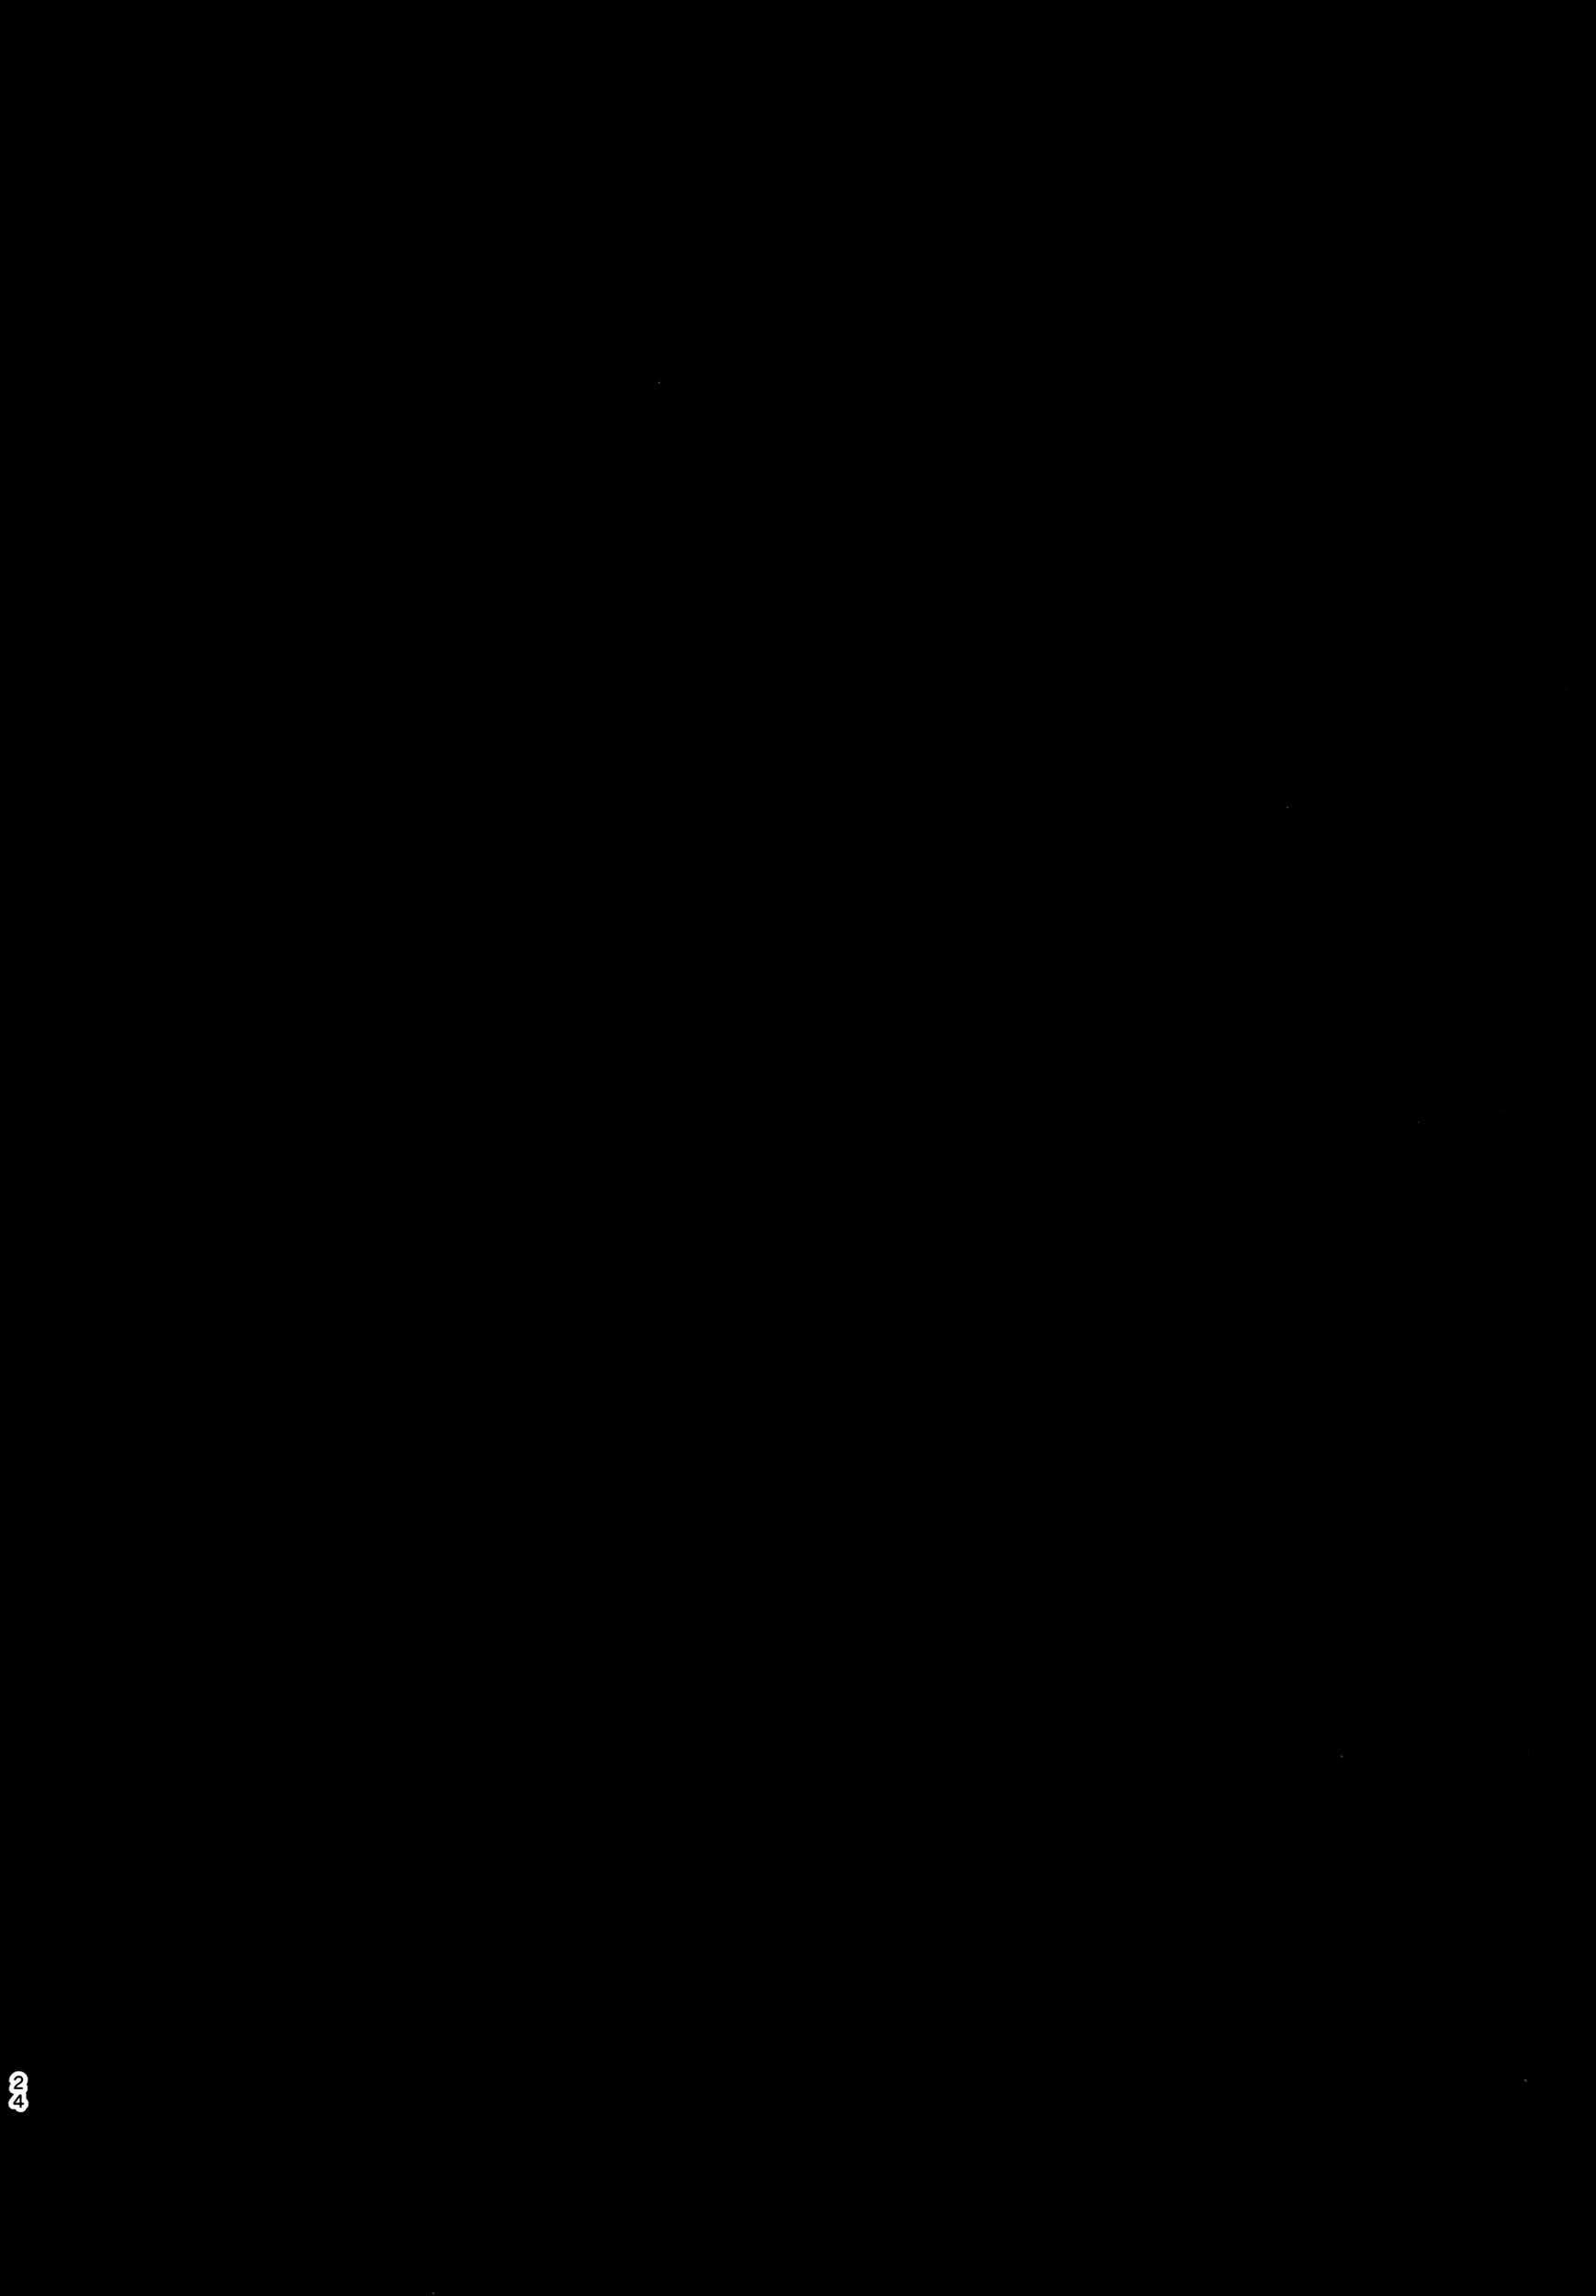 【エロ漫画】ウブな田舎娘に手を出したらヤンデレ化して逆レイプされるww【無料 エロ同人誌】 (23)